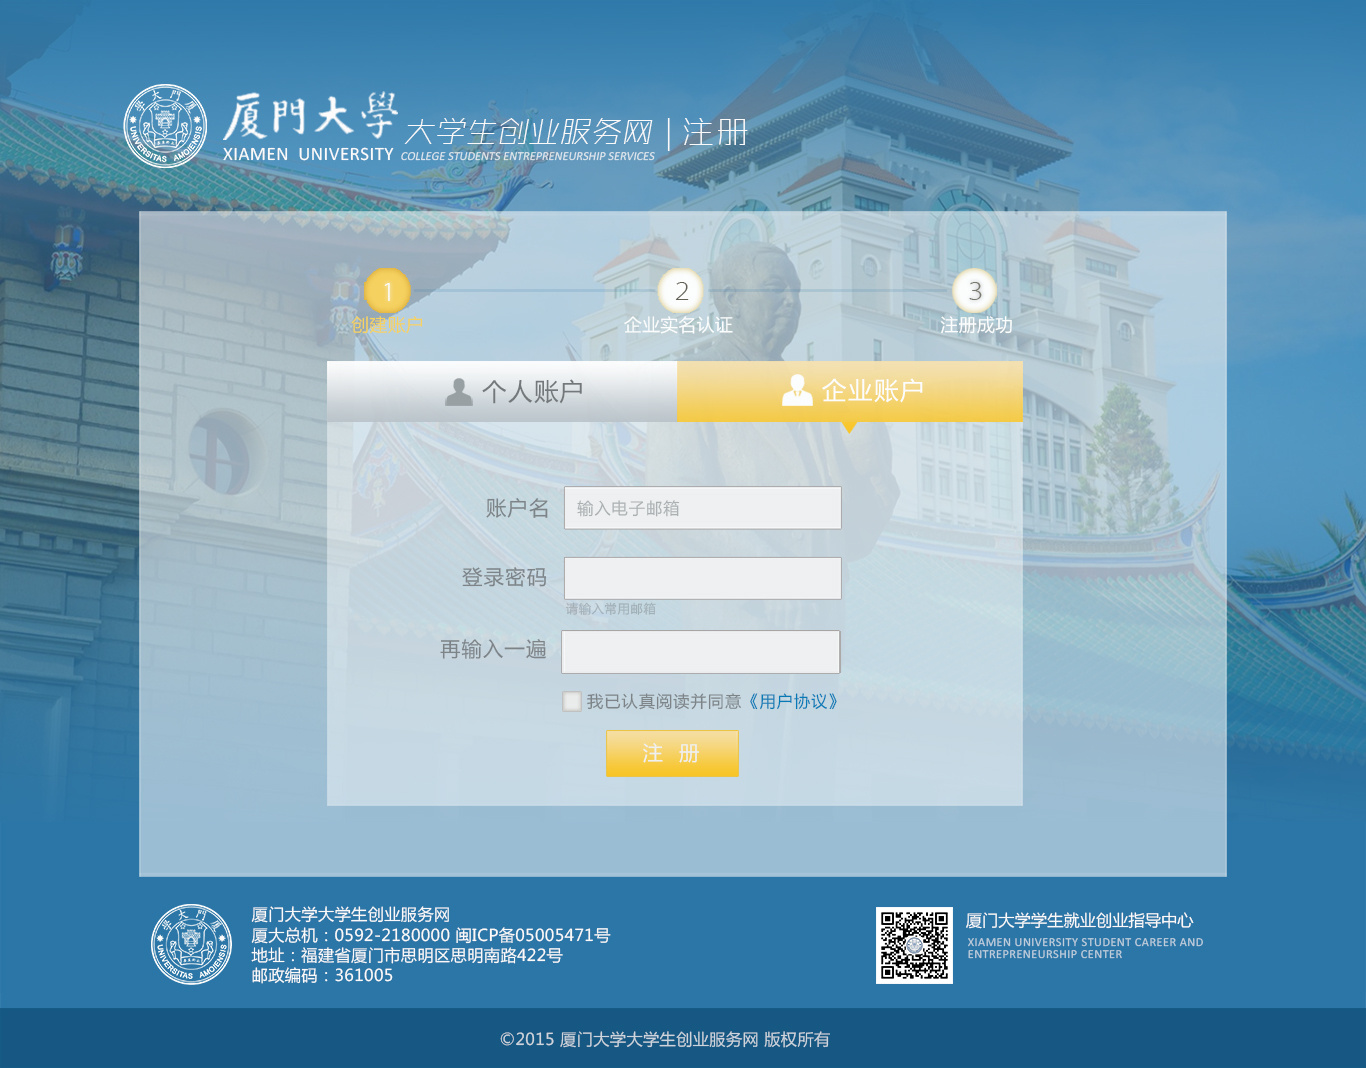 厦门大学大学生创业服务网设计 网页 企业官网 高高图片